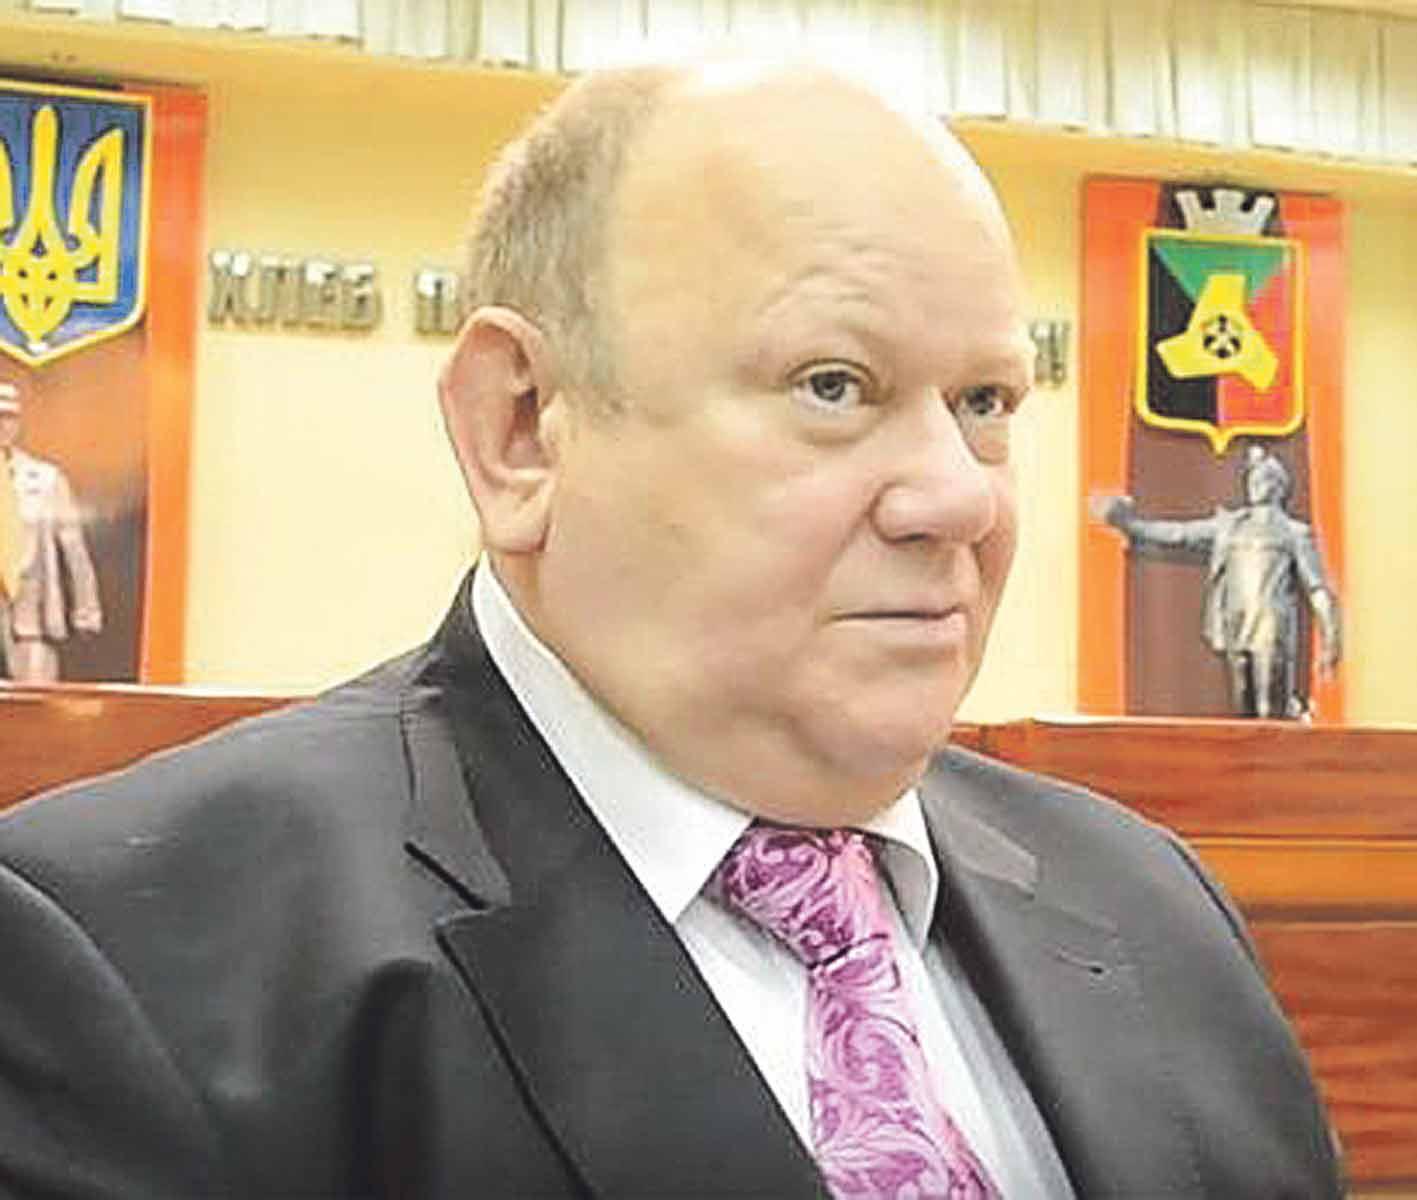 Мер-сєпар Торецька, якого брало СБУ Вінниці, відмовився їхати в «ДНР» за обміном…